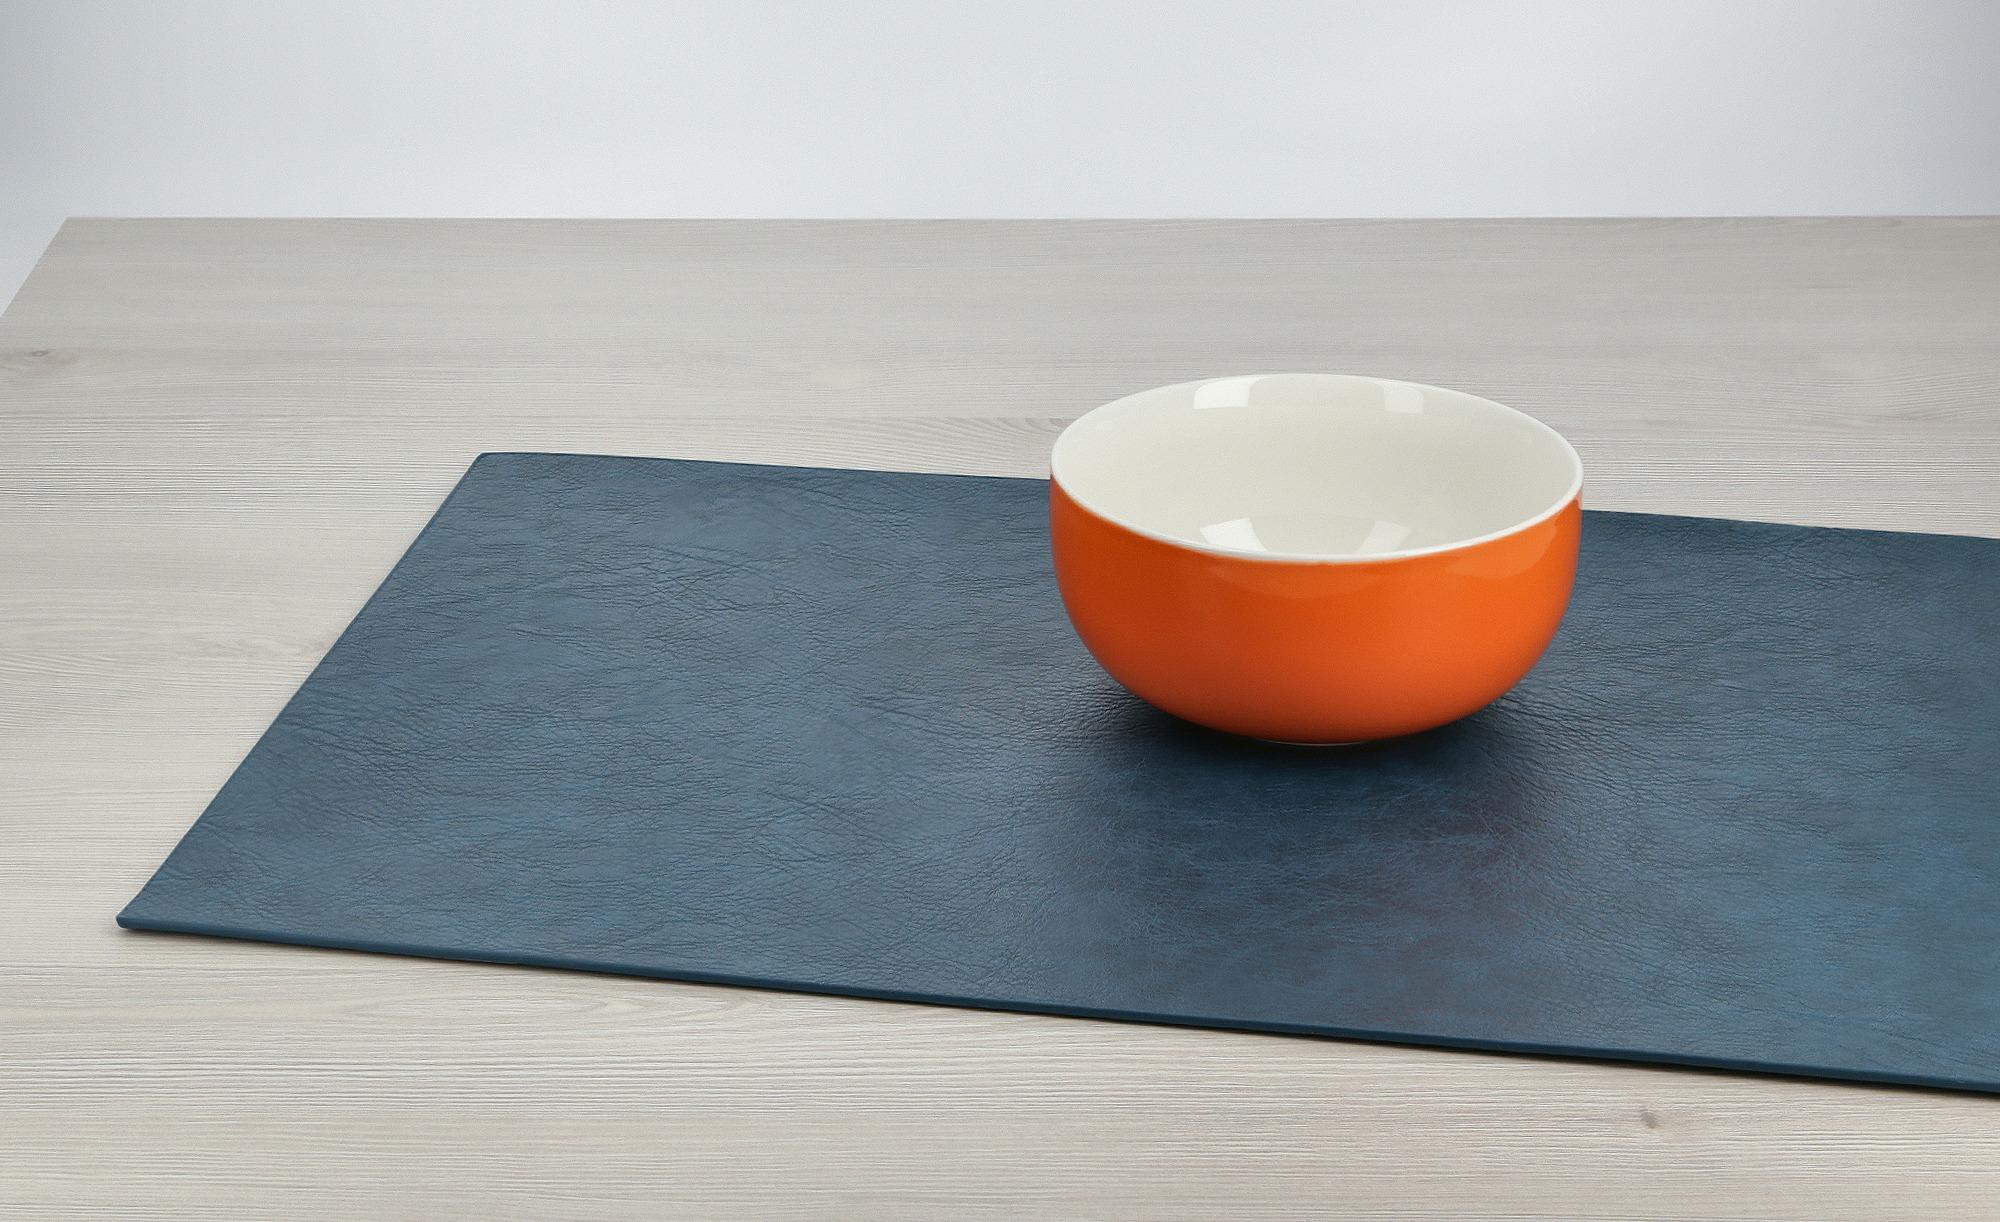 ASA SELECTION Platzset - blau - Polyurethane - 46 cm - Heimtextilien > Tischwäsche > Platzsets - Möbel Kraft | Heimtextilien > Tischdecken und Co > Platz-Sets | ASA SELECTION